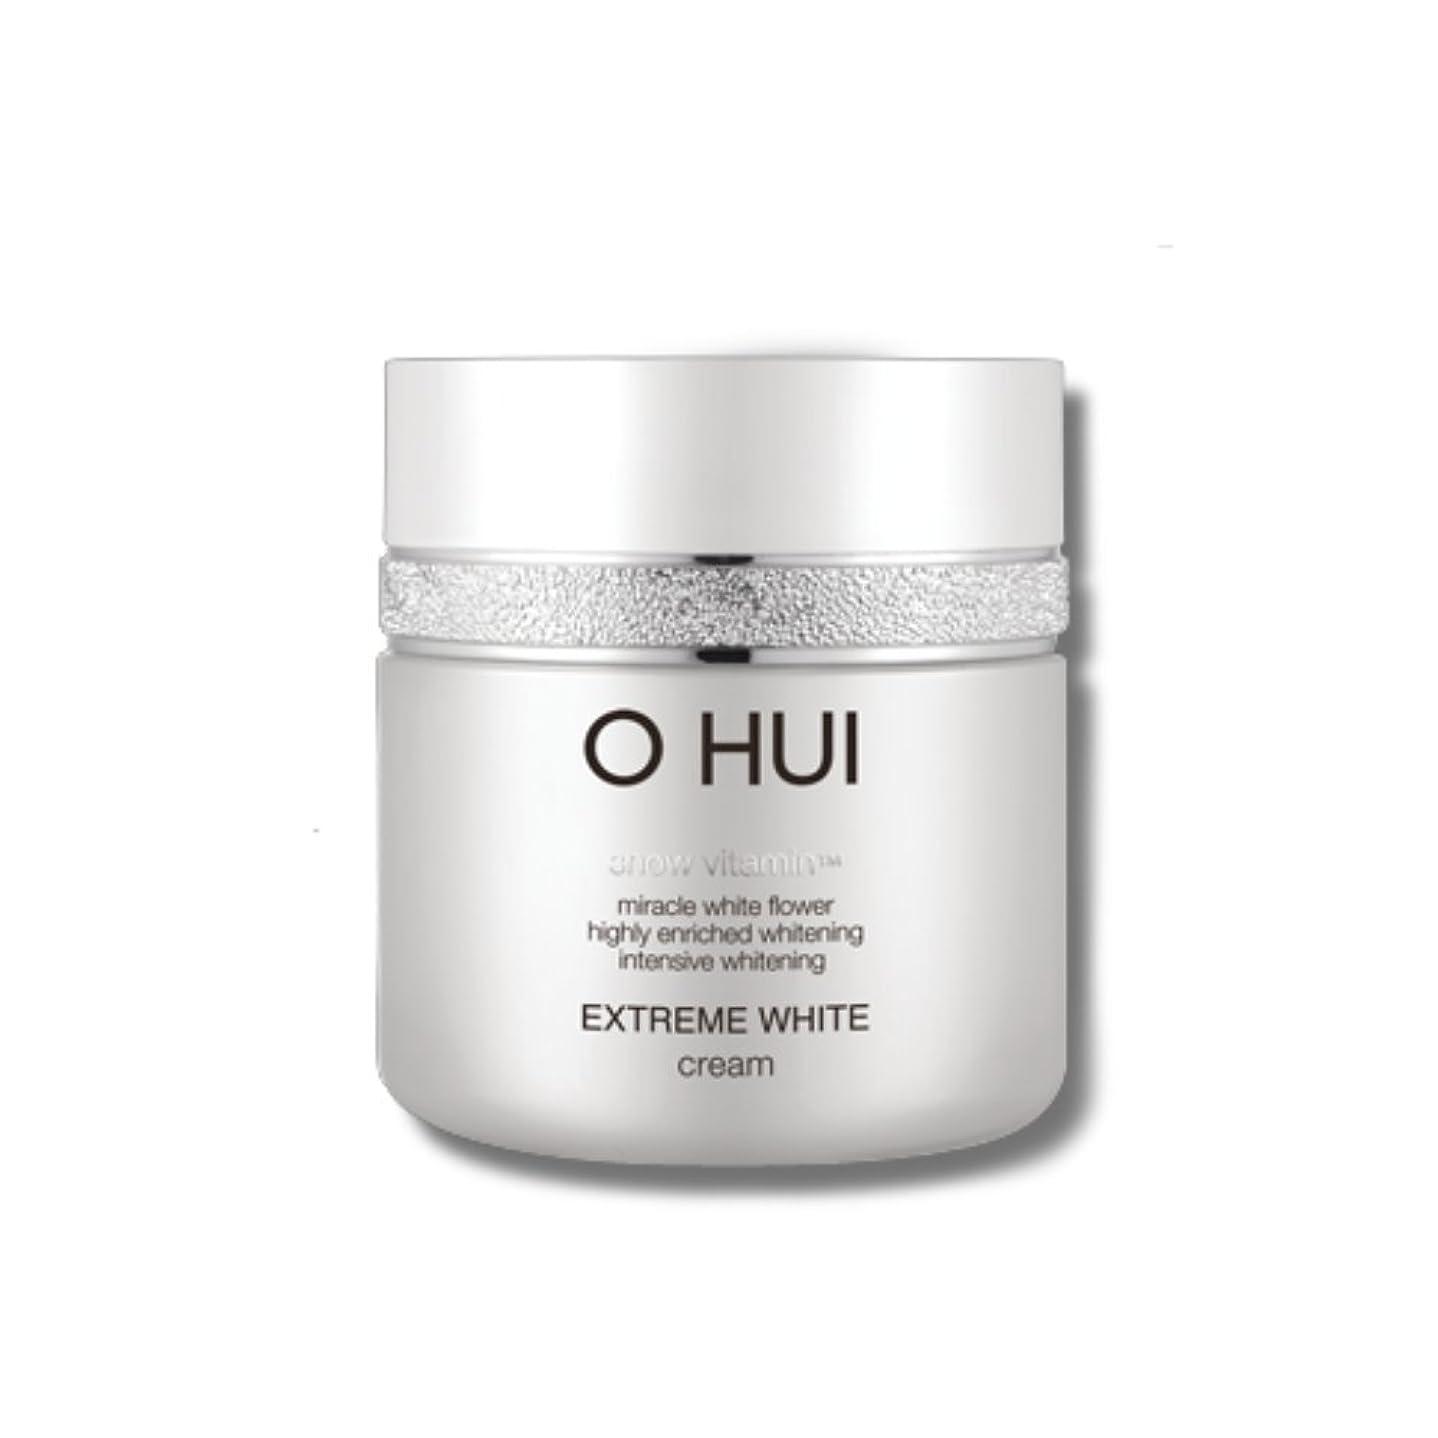 役職切り下げ過去OHUI Extreme White Cream 50ml/オフィ エクストリーム ホワイト クリーム 50ml [並行輸入品]